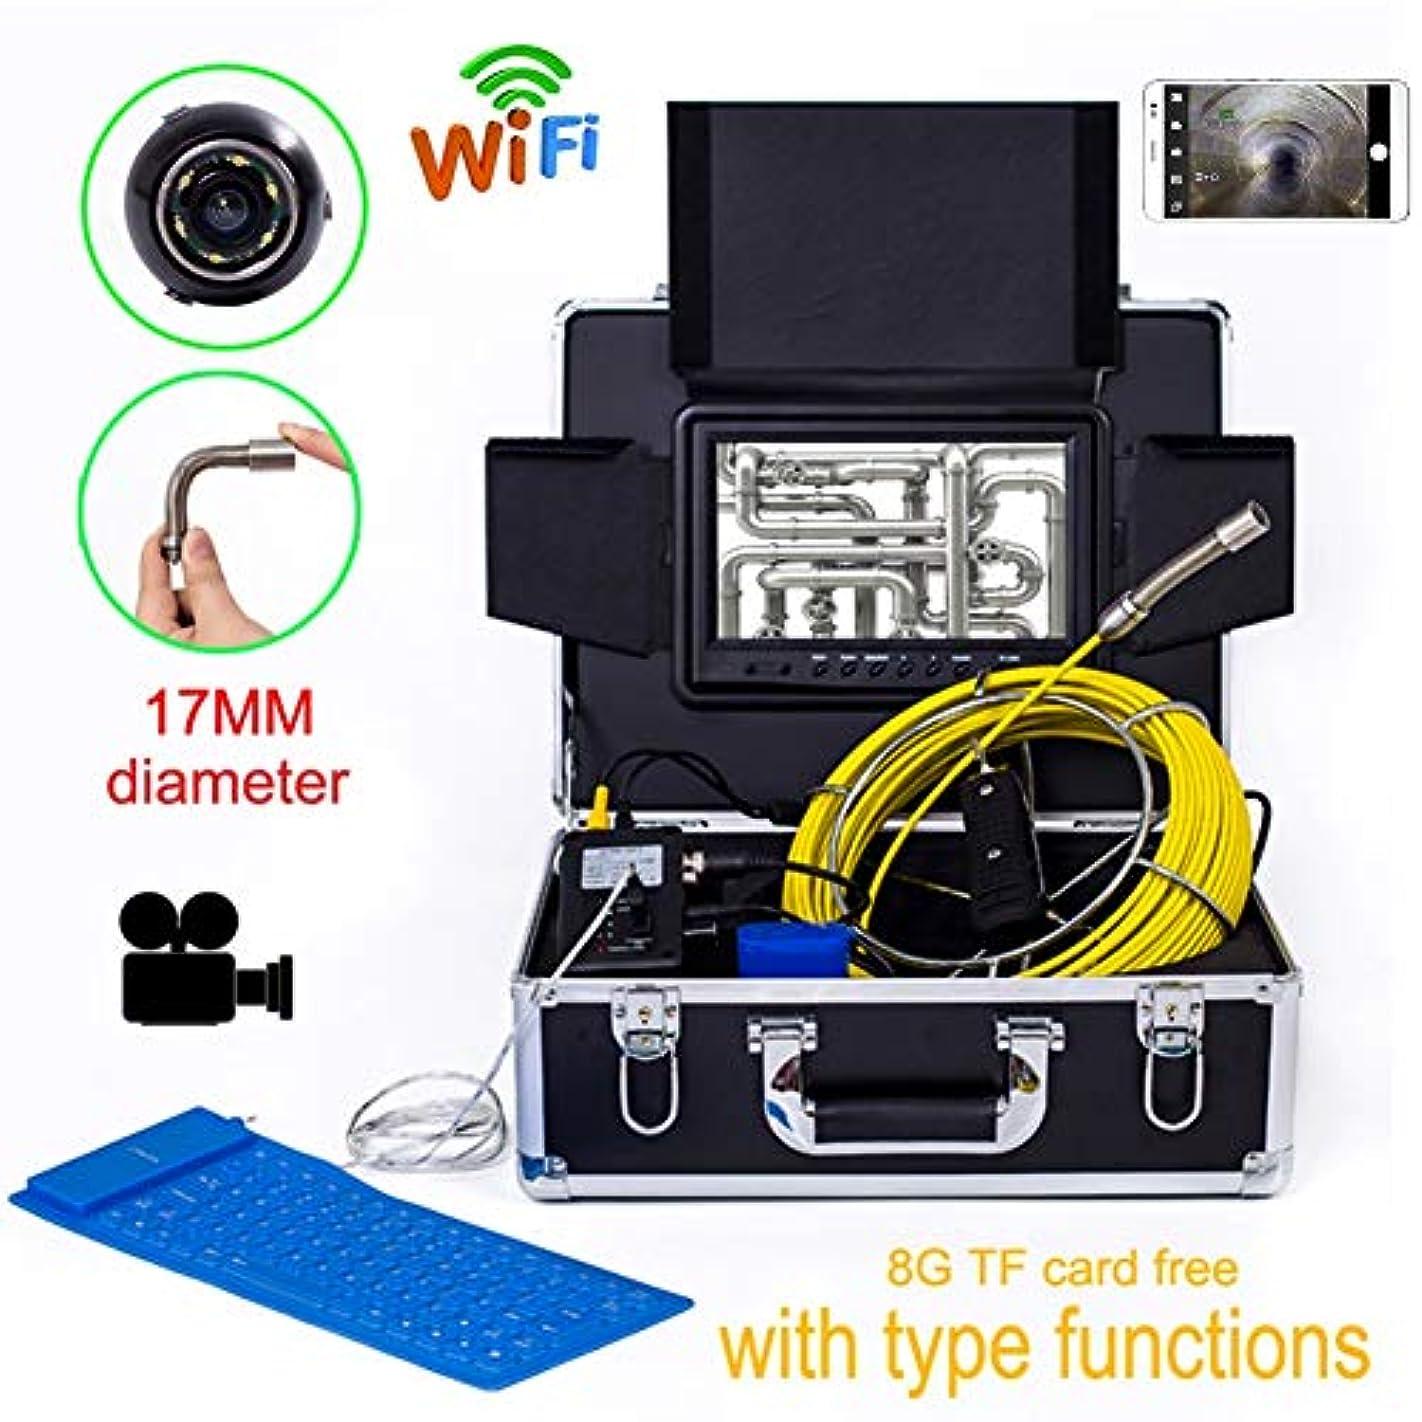 自動召集する乗り出す9インチ WIFI17MM 産業パイプライン下水道検出カメラ IP68 防水排水検出 1000 TVL カメラ DVR ビデオ (20M)